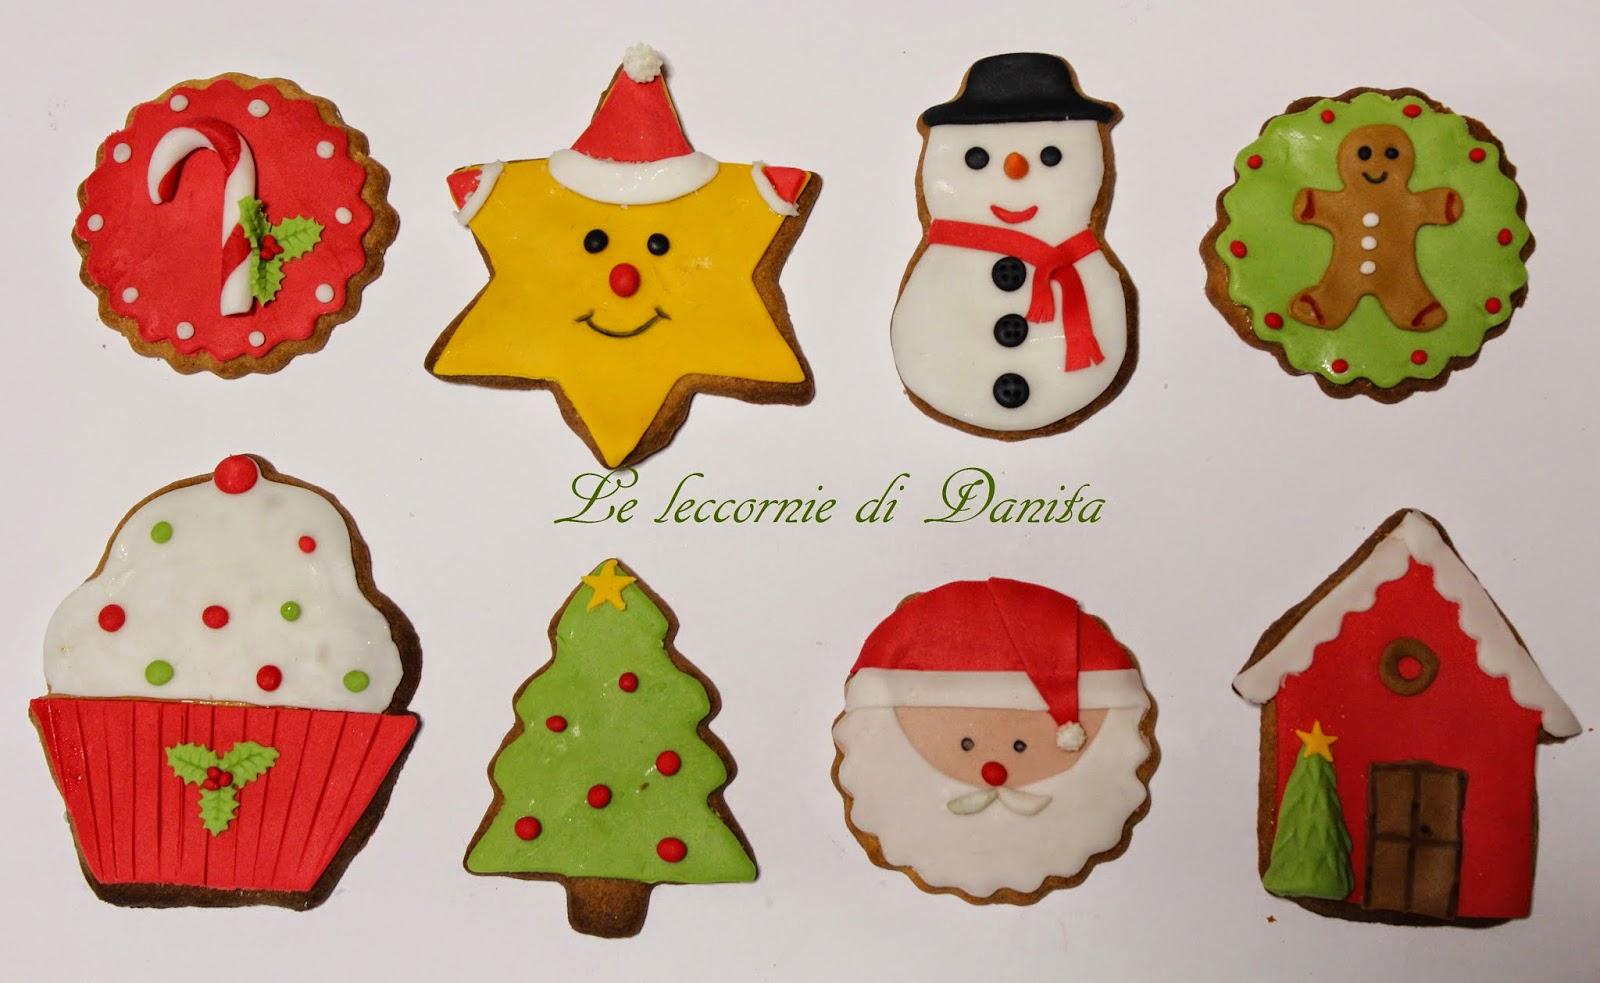 biscotti di natale in pan di zenzero (gingerbread)